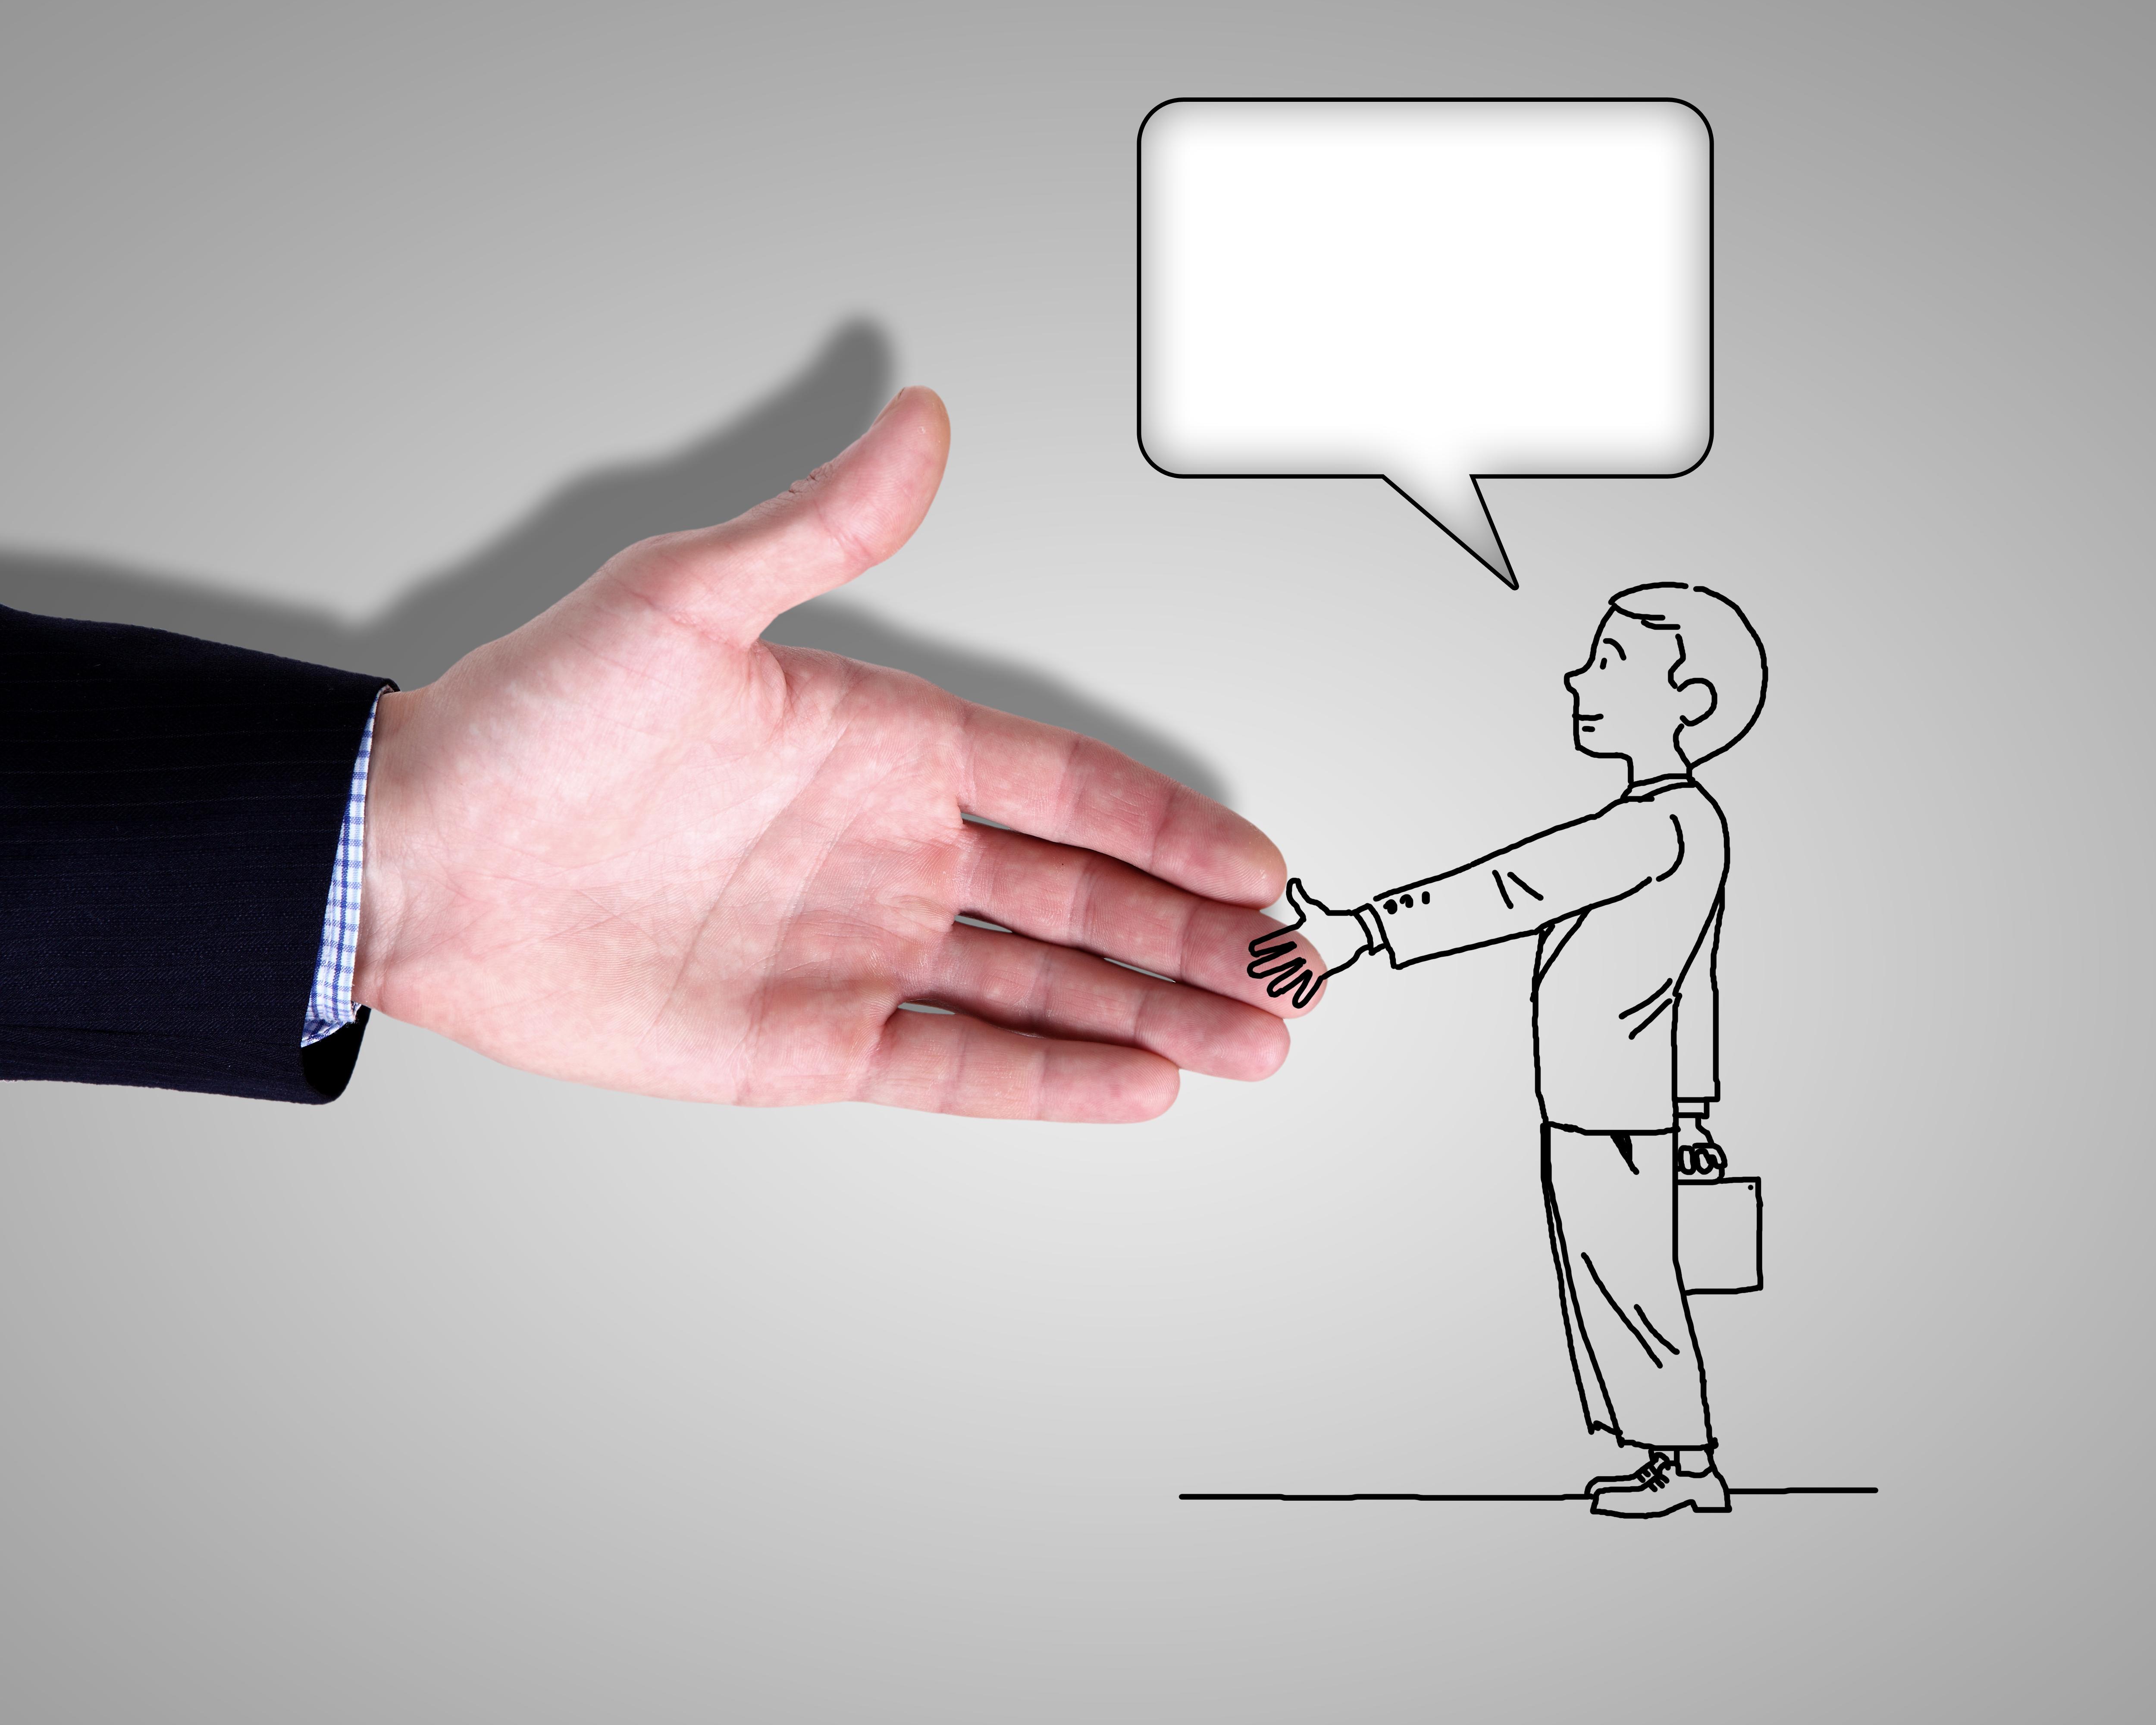 La négociation émotionnelle : quand la rationalité laisse place à l'émotion